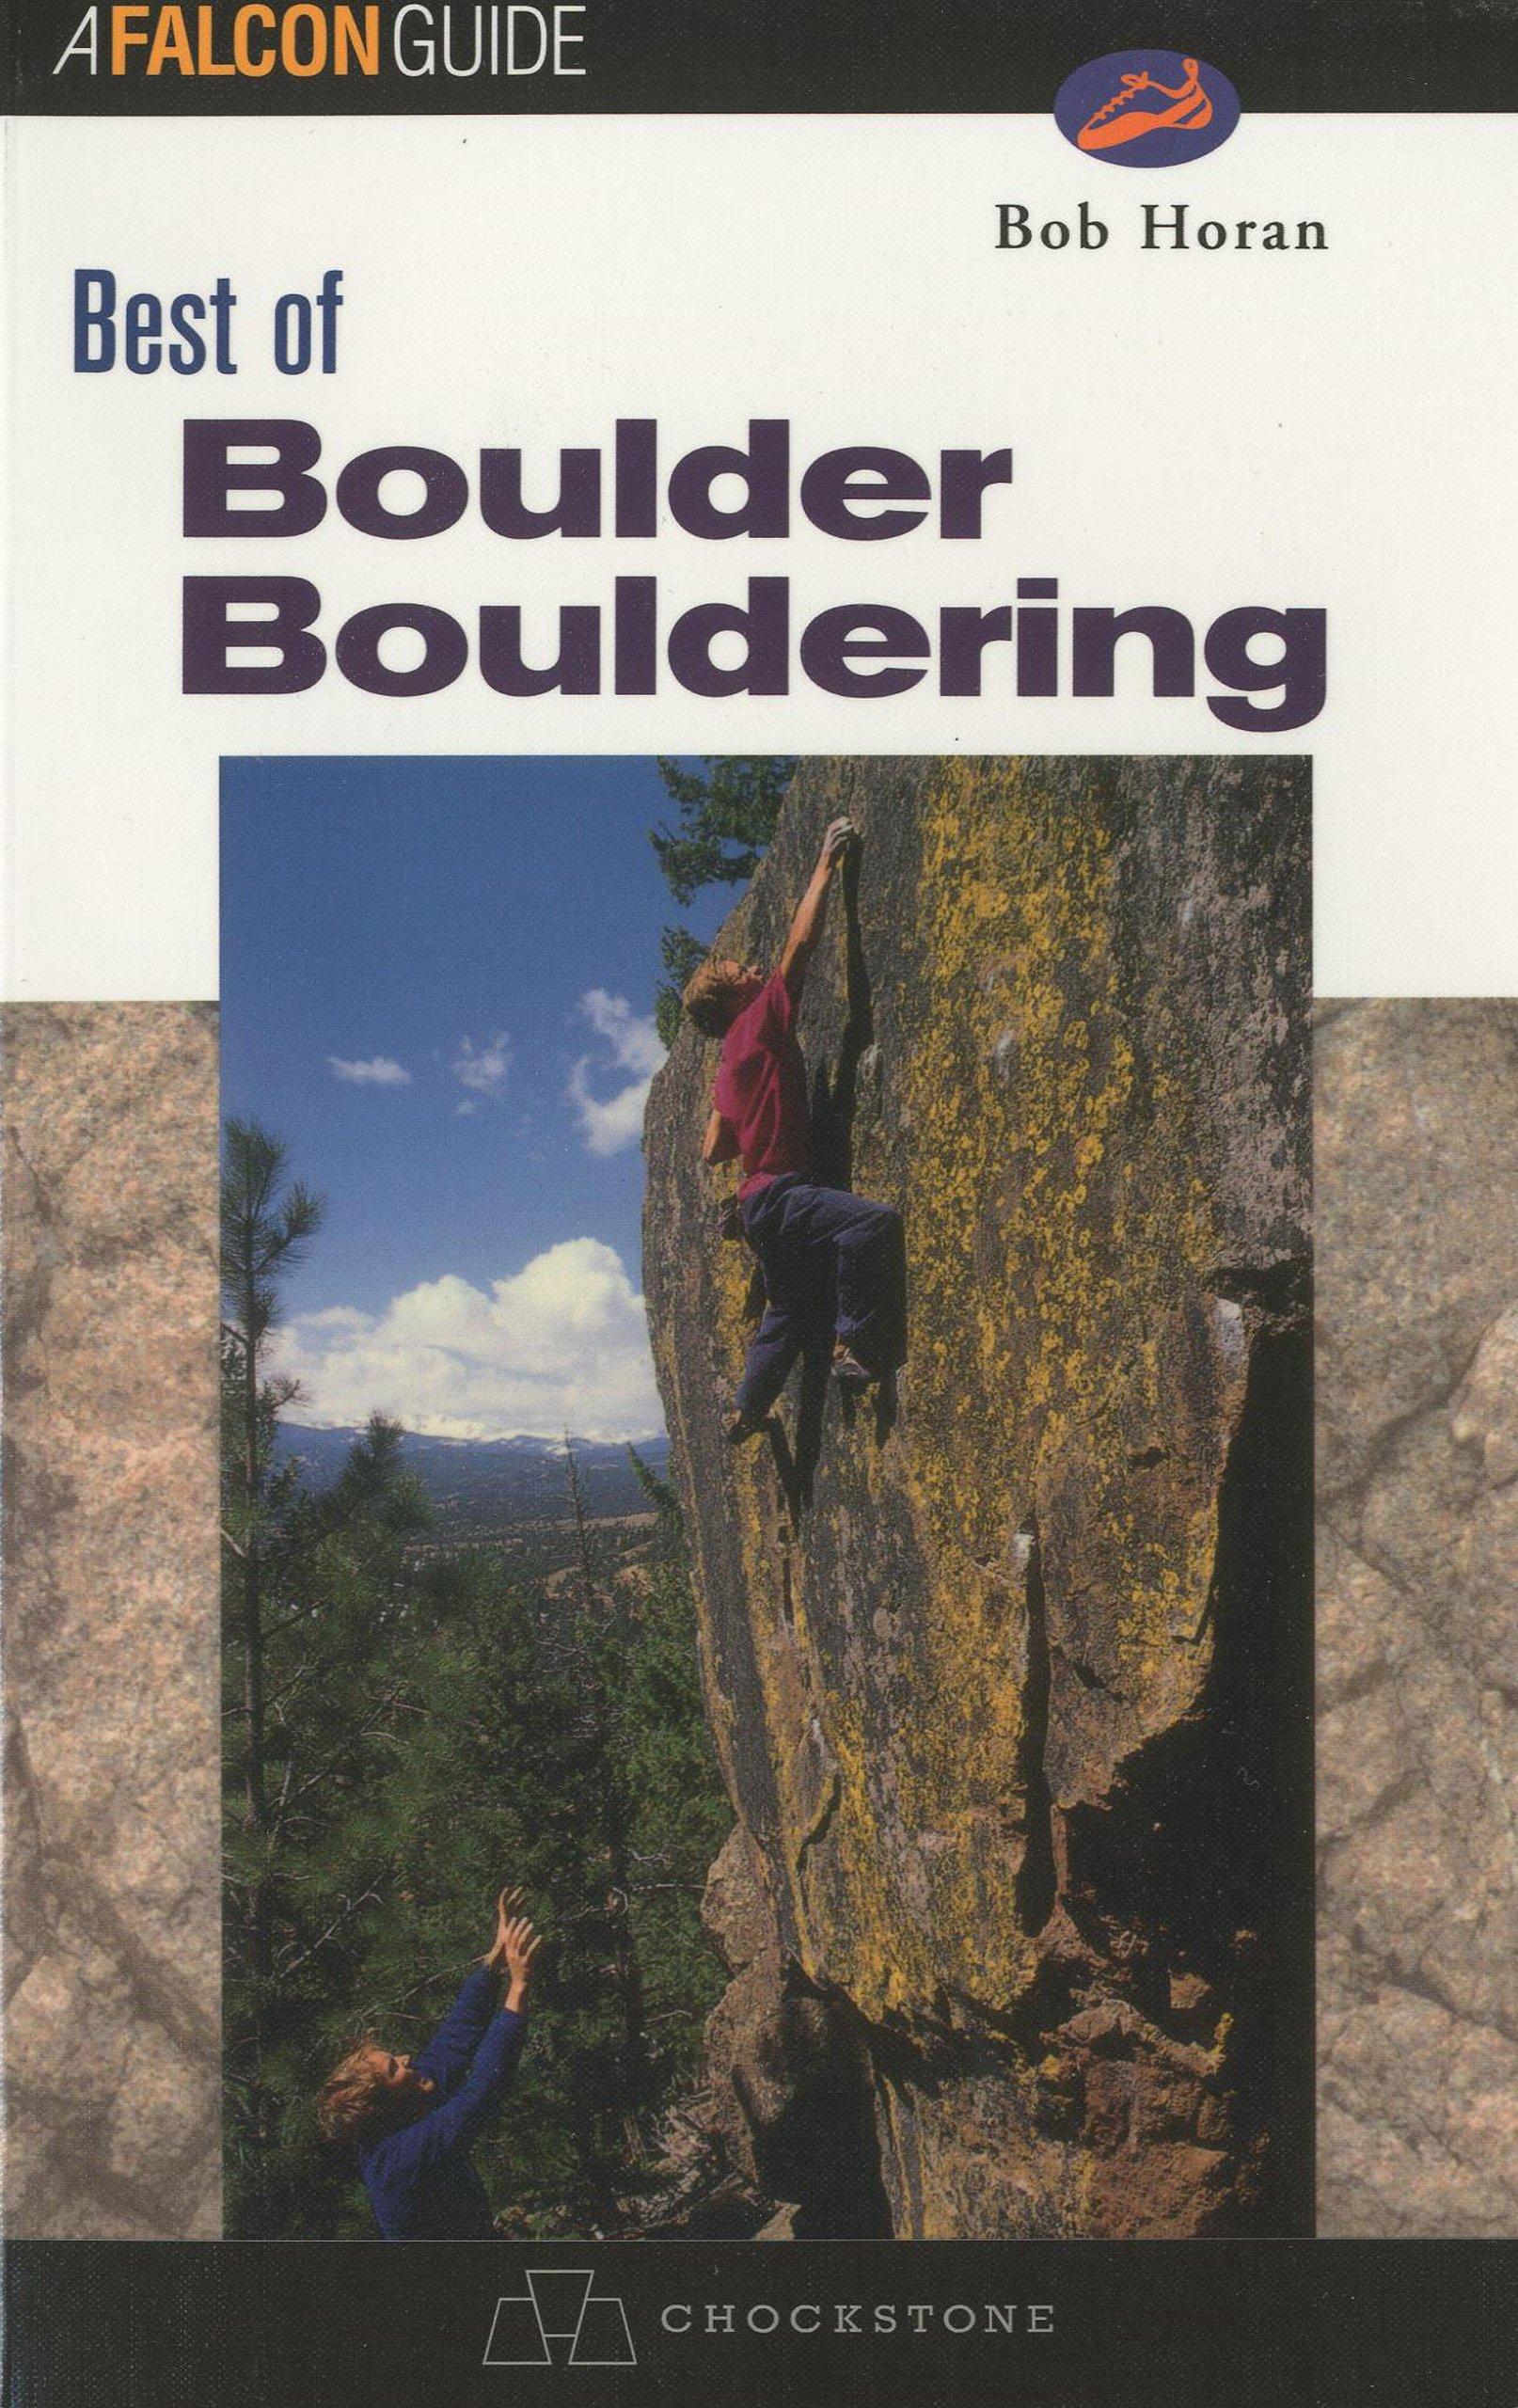 Best of Boulder Bouldering Bouldering Series Idioma Inglés ...